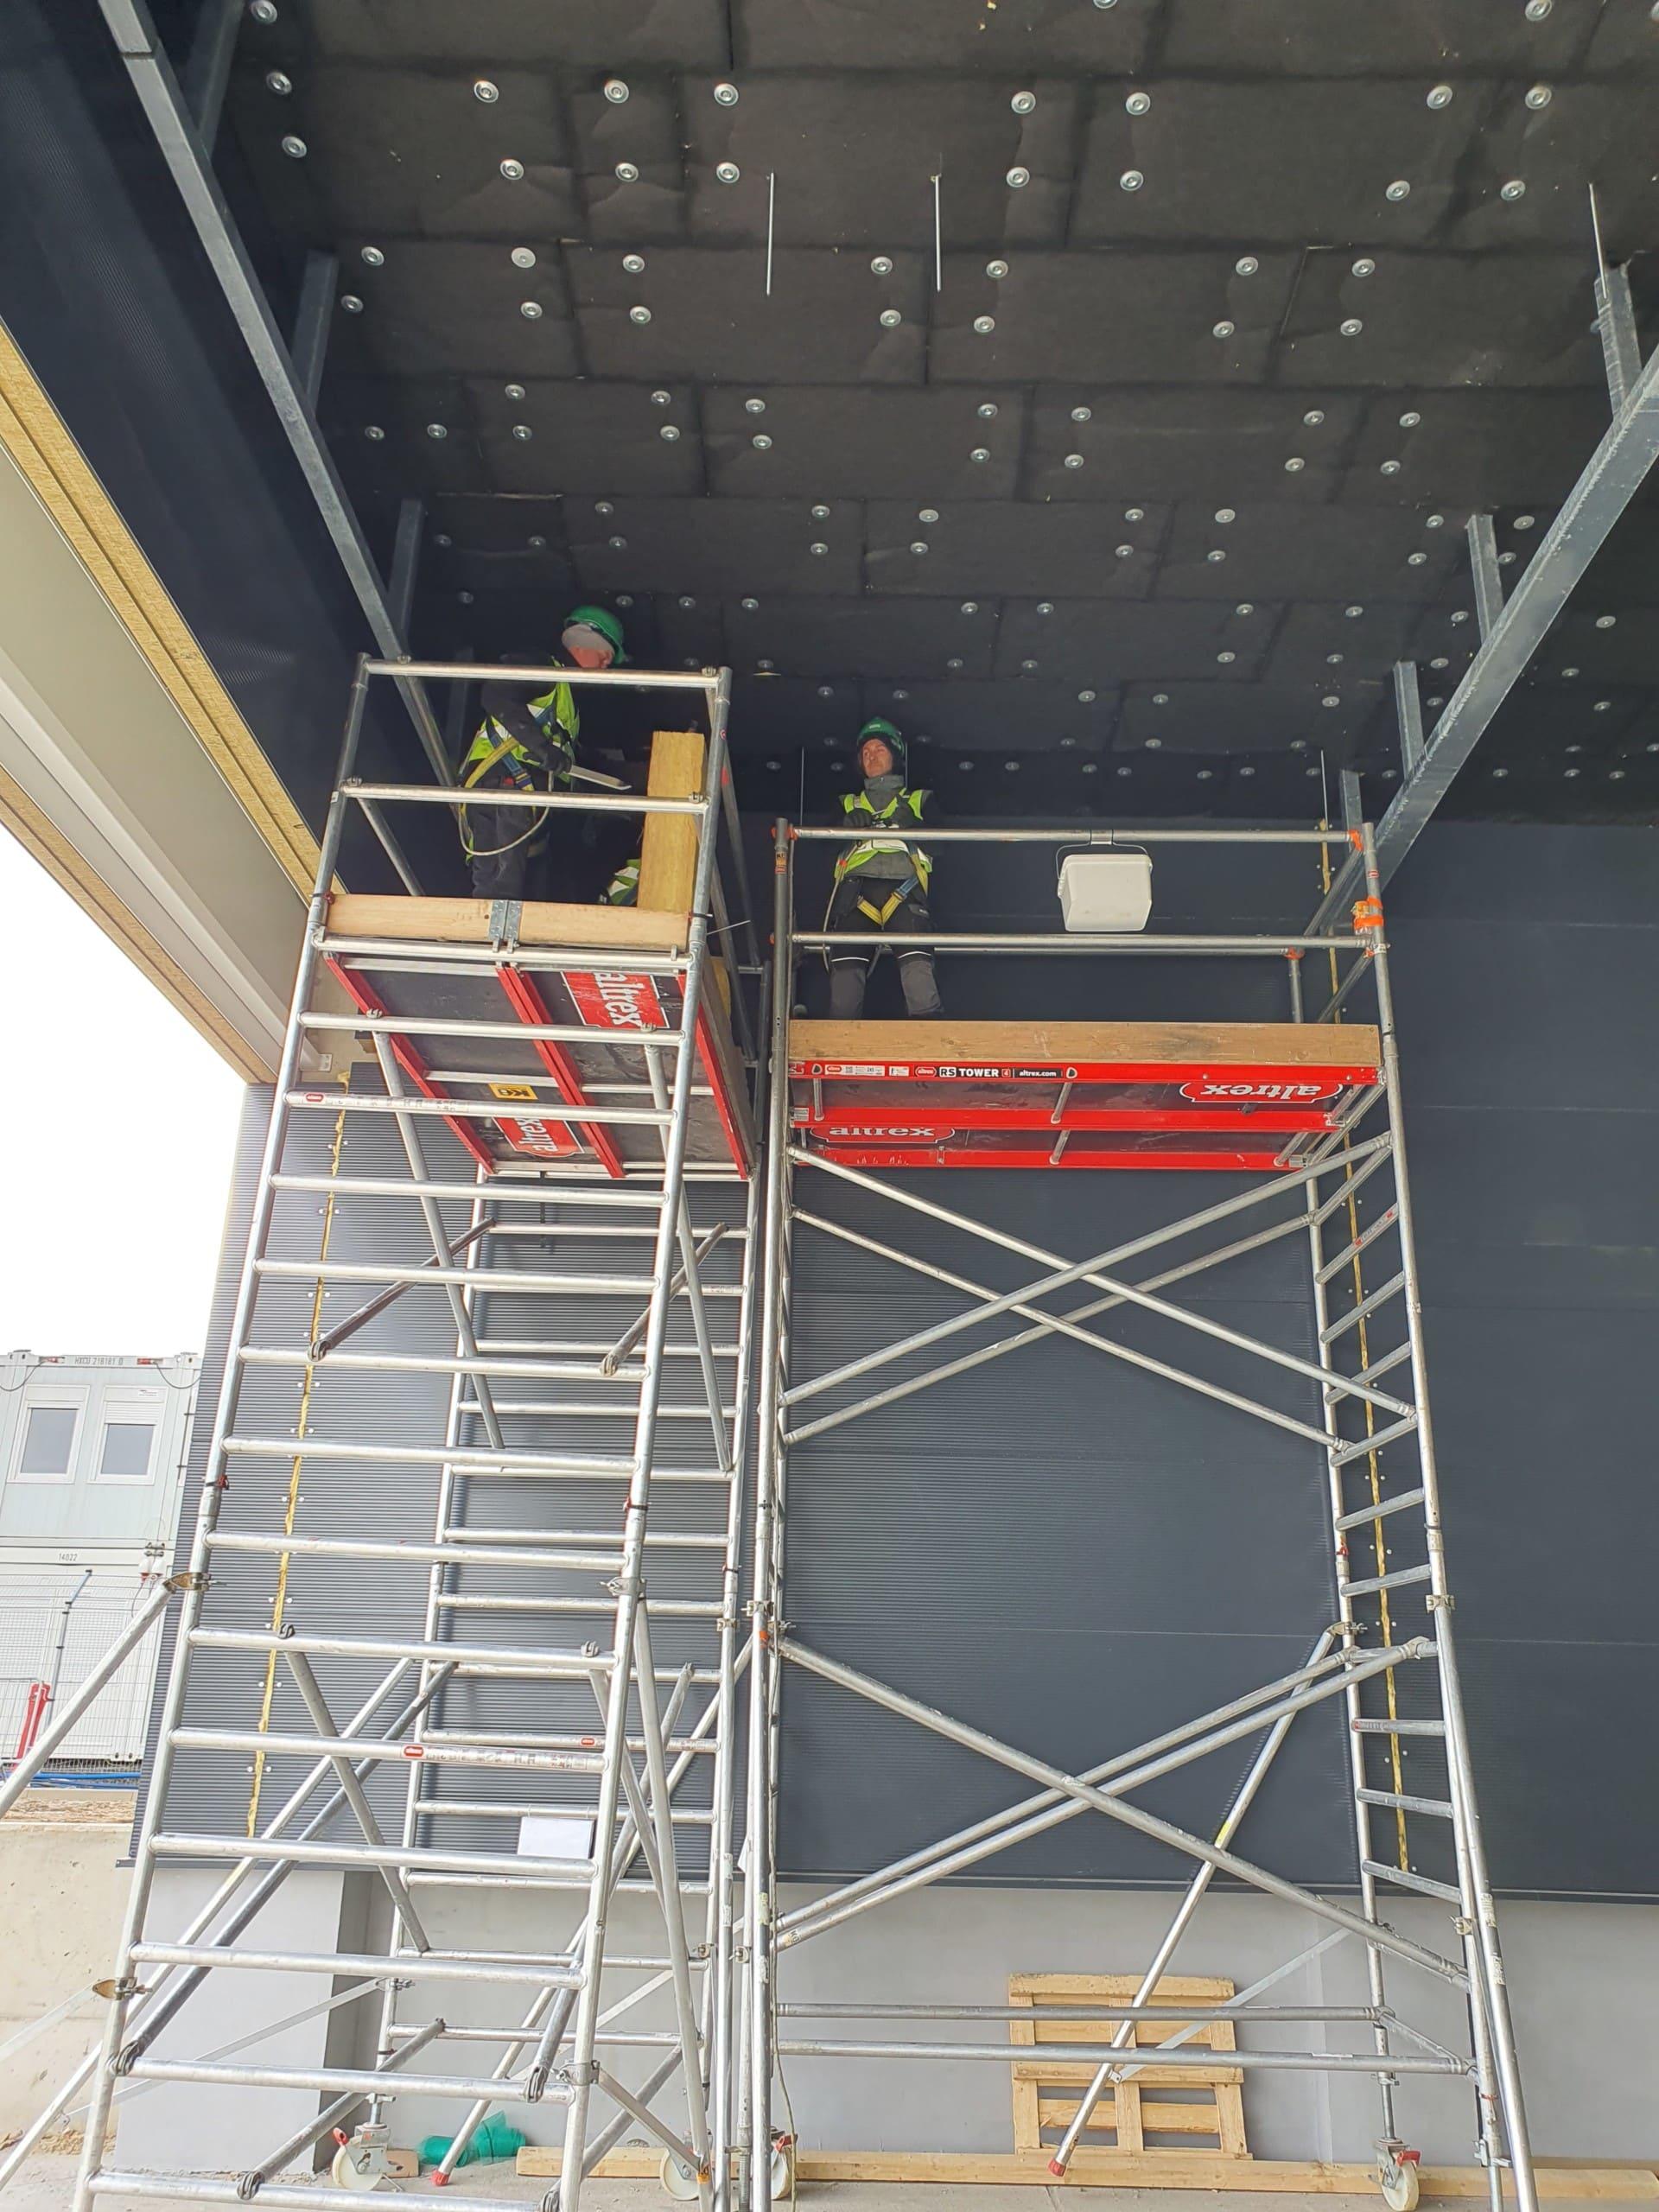 Ocieplenie stropu doków z wełny isover super vent gr. 20 cm w Jaworze